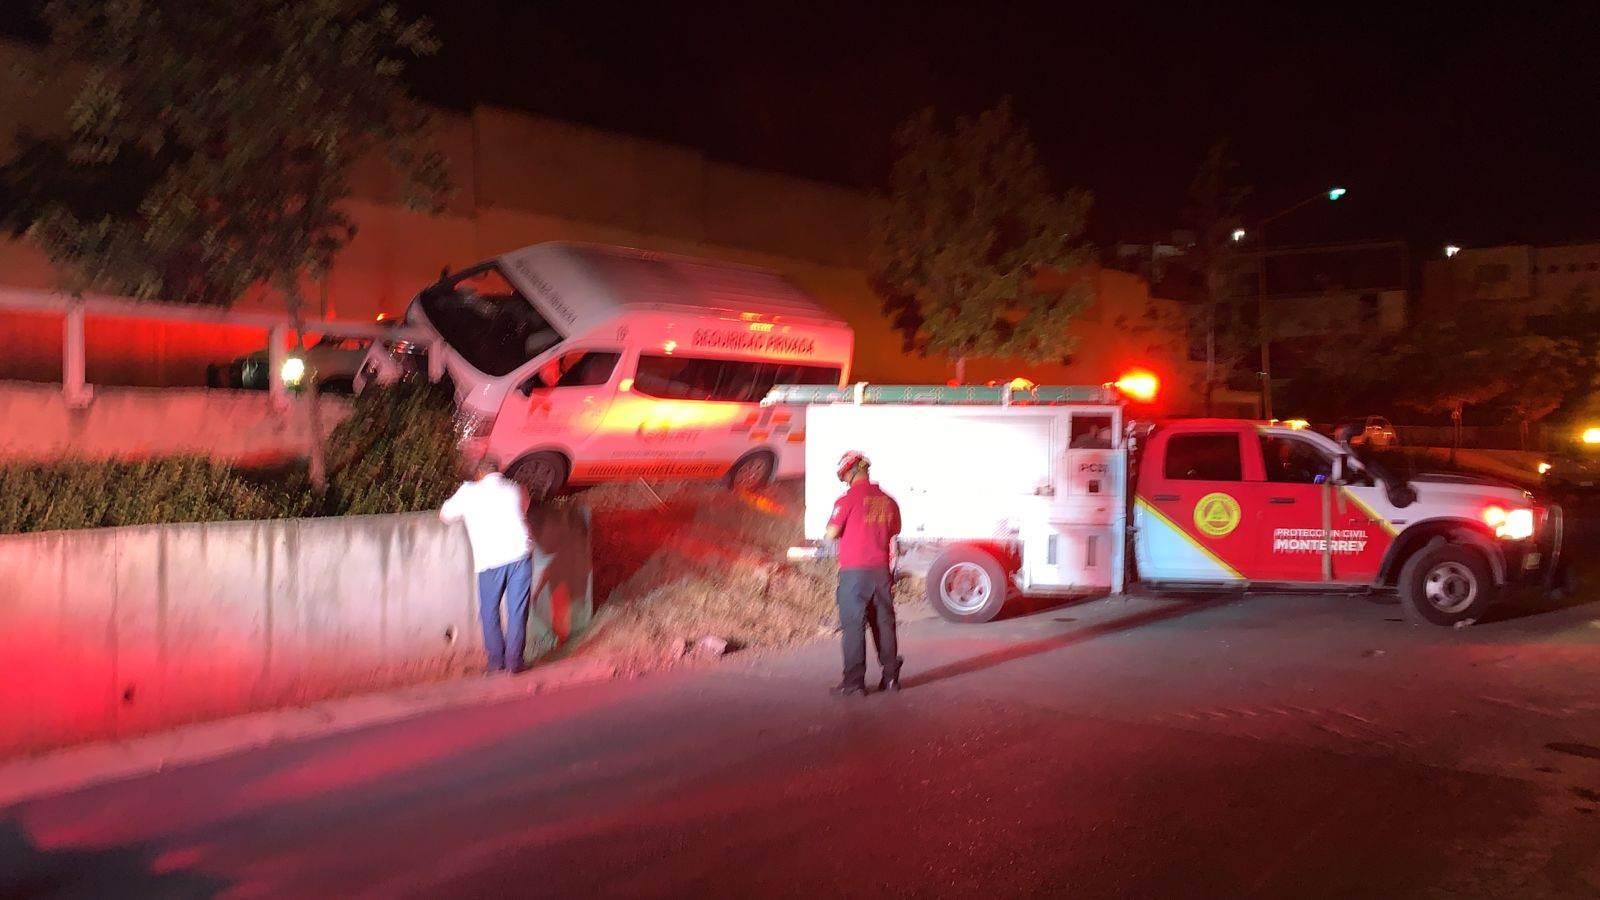 Después de una dormitada al volante, el conductor de una camioneta se estrelló contra un muro